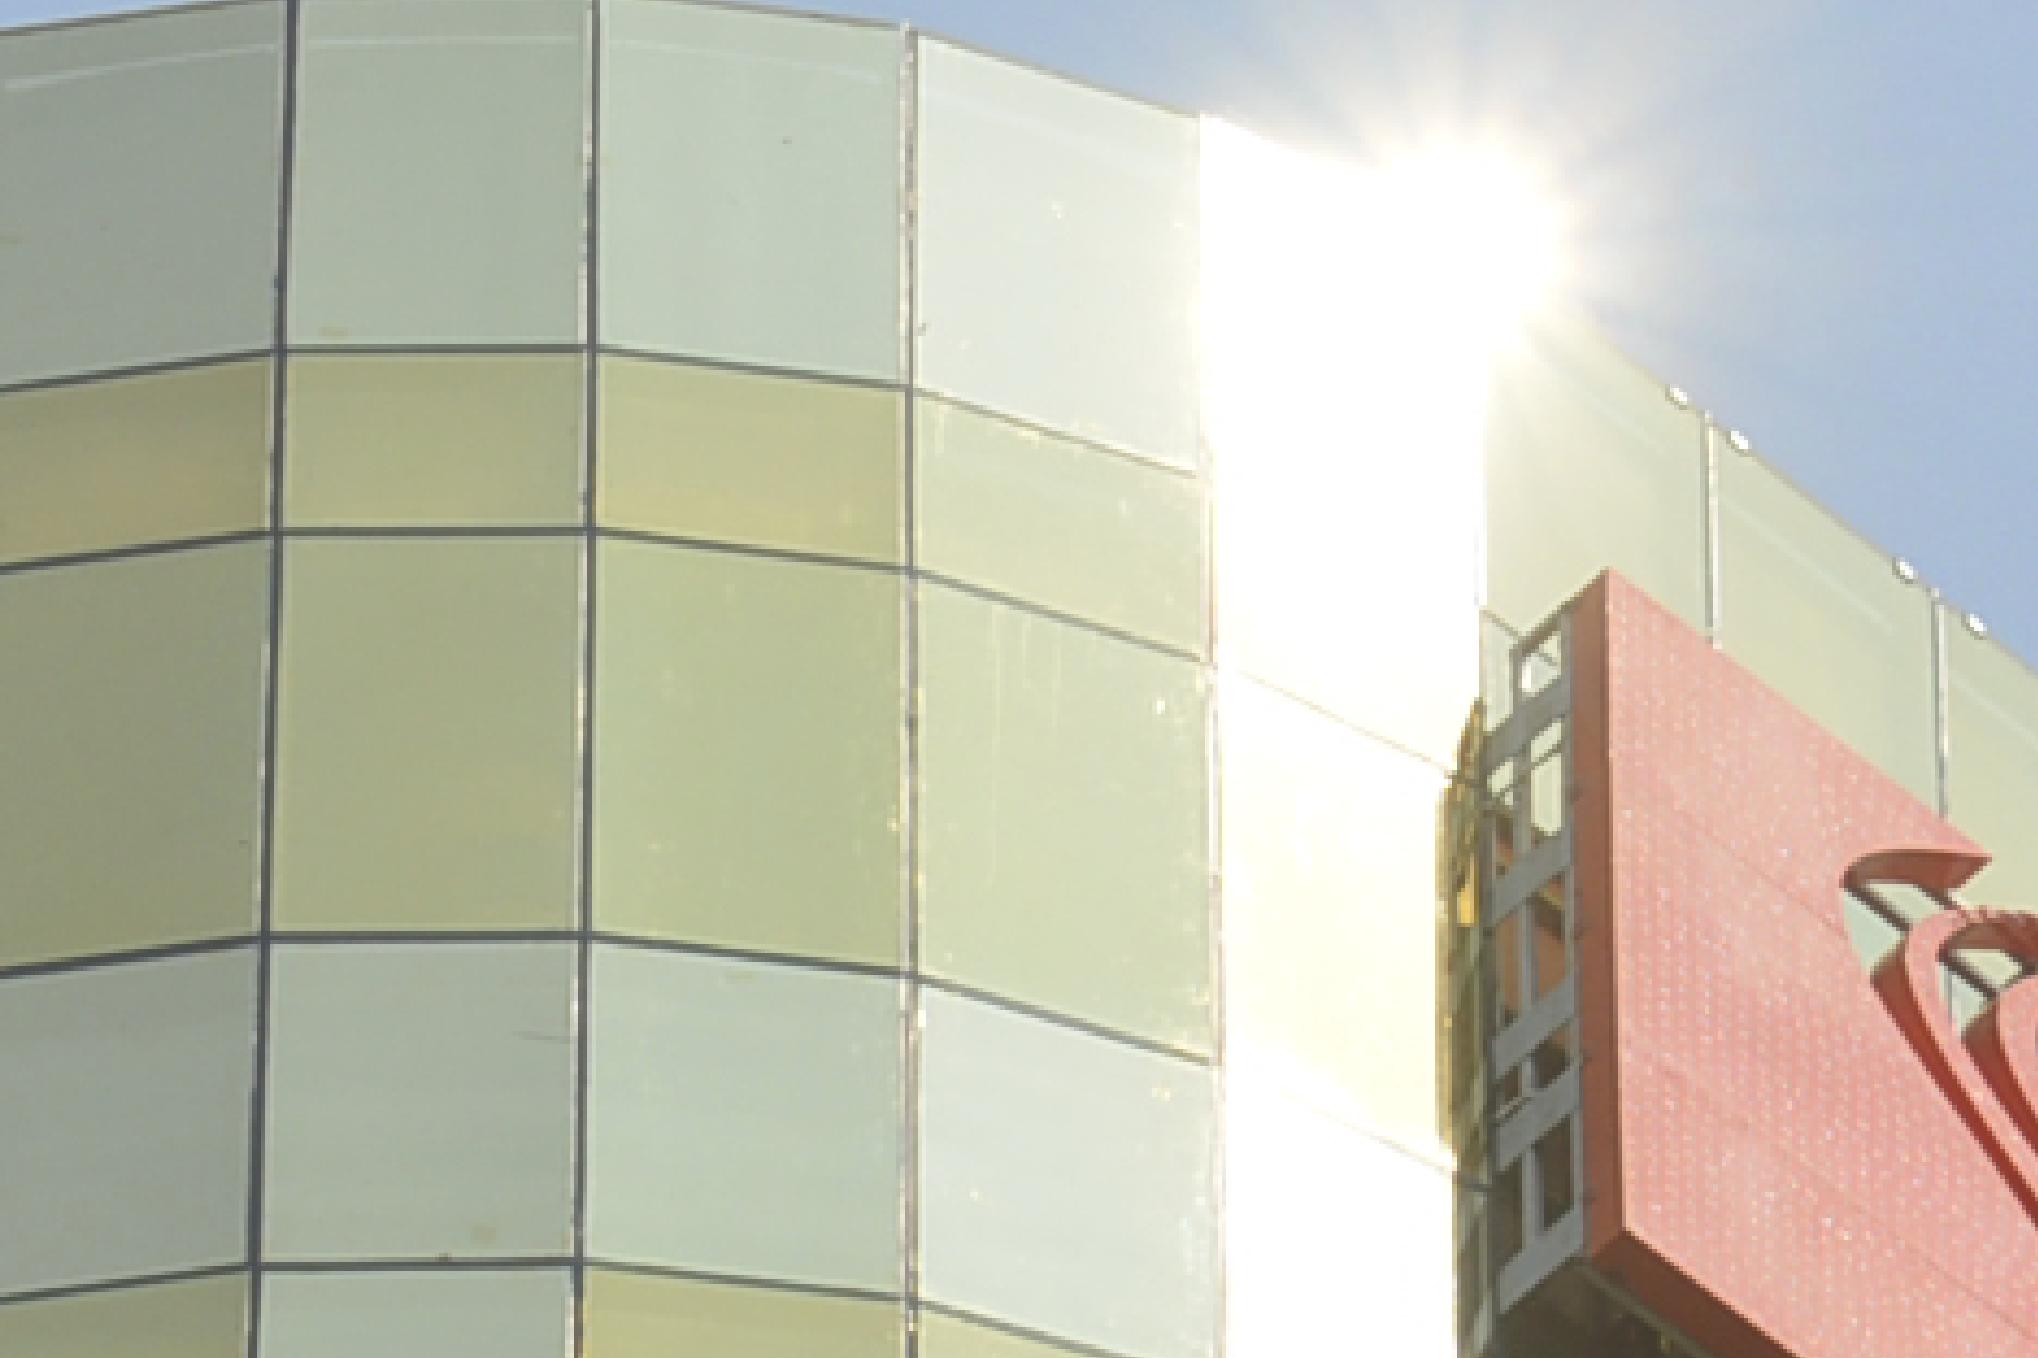 Hai tòa nhà ở Đà Nẵng lắp kính vàng không đúng qui định, người dân chói mắt khi trời nắng - Ảnh 4.